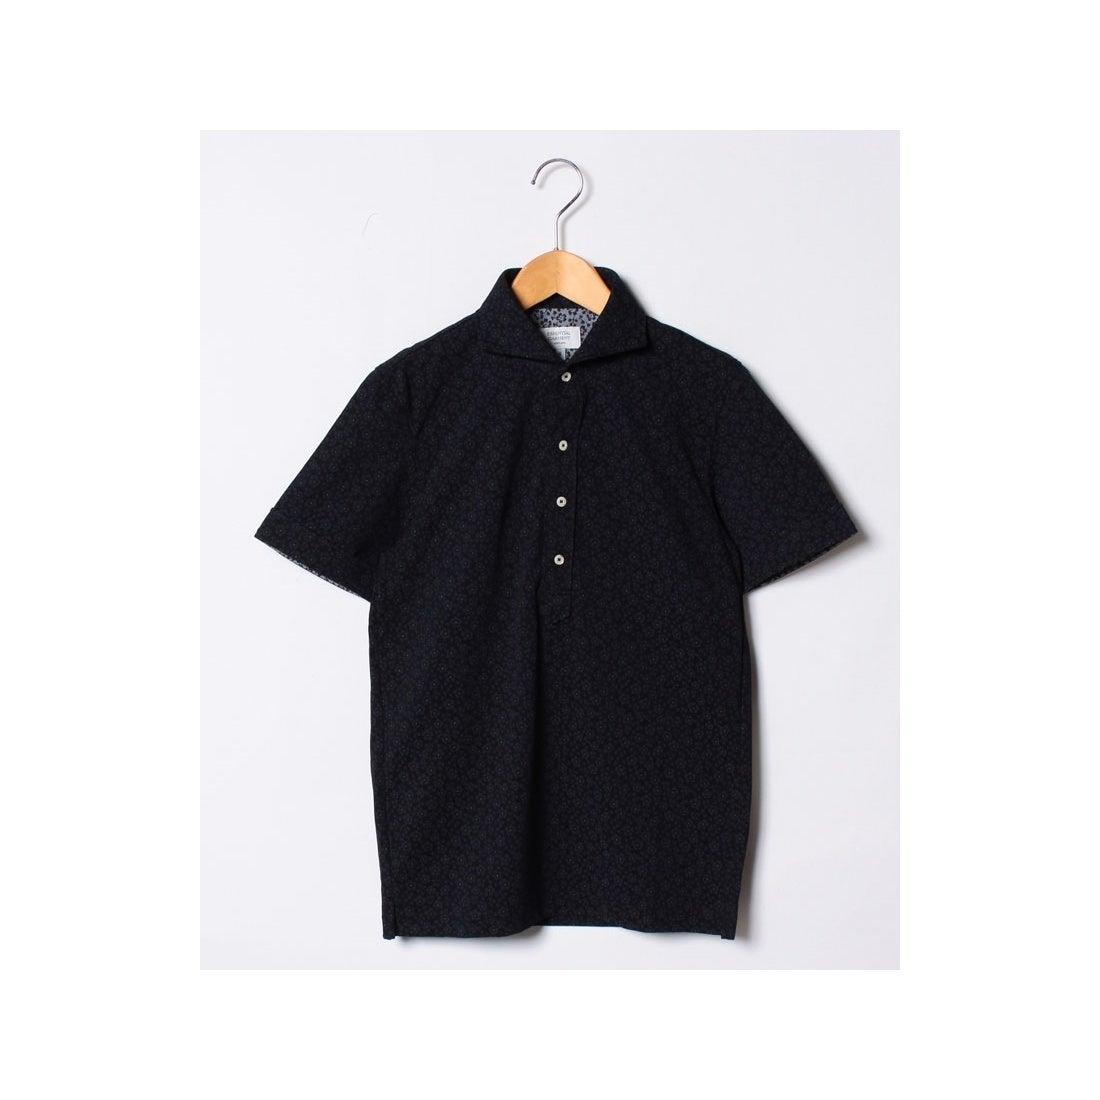 ロコンド 靴とファッションの通販サイトSSENTIAL GARMENT MEN'S BIGI カノコ素材ポロシャツ/フラワープリント 【JAPAN MADE】(ネイビー)【返品不可商品】